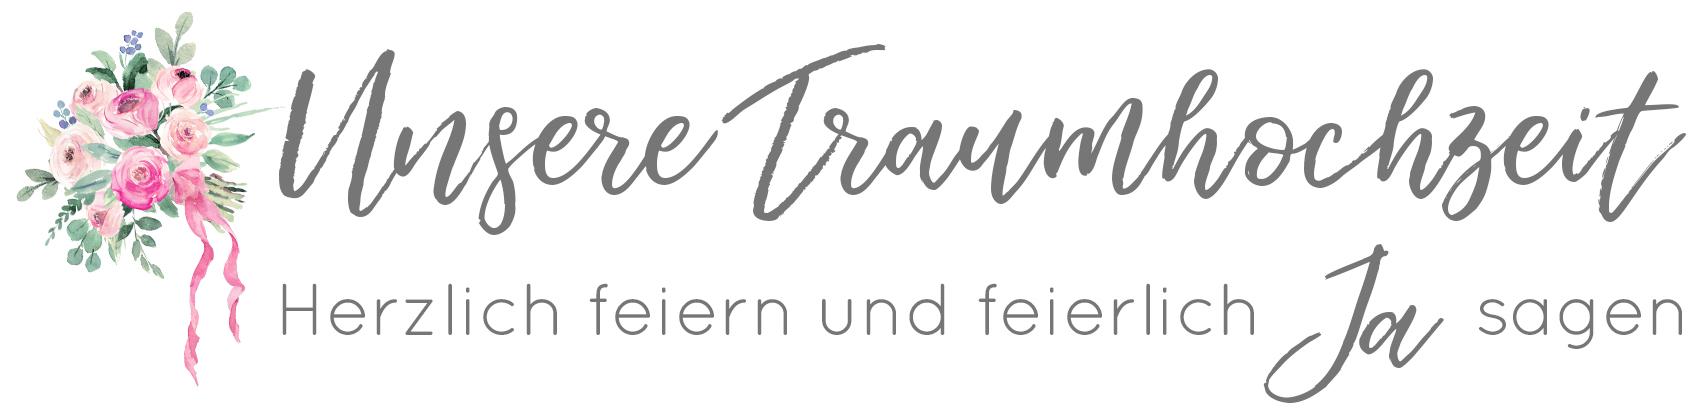 Logo- Unsere-Traumhochzeit